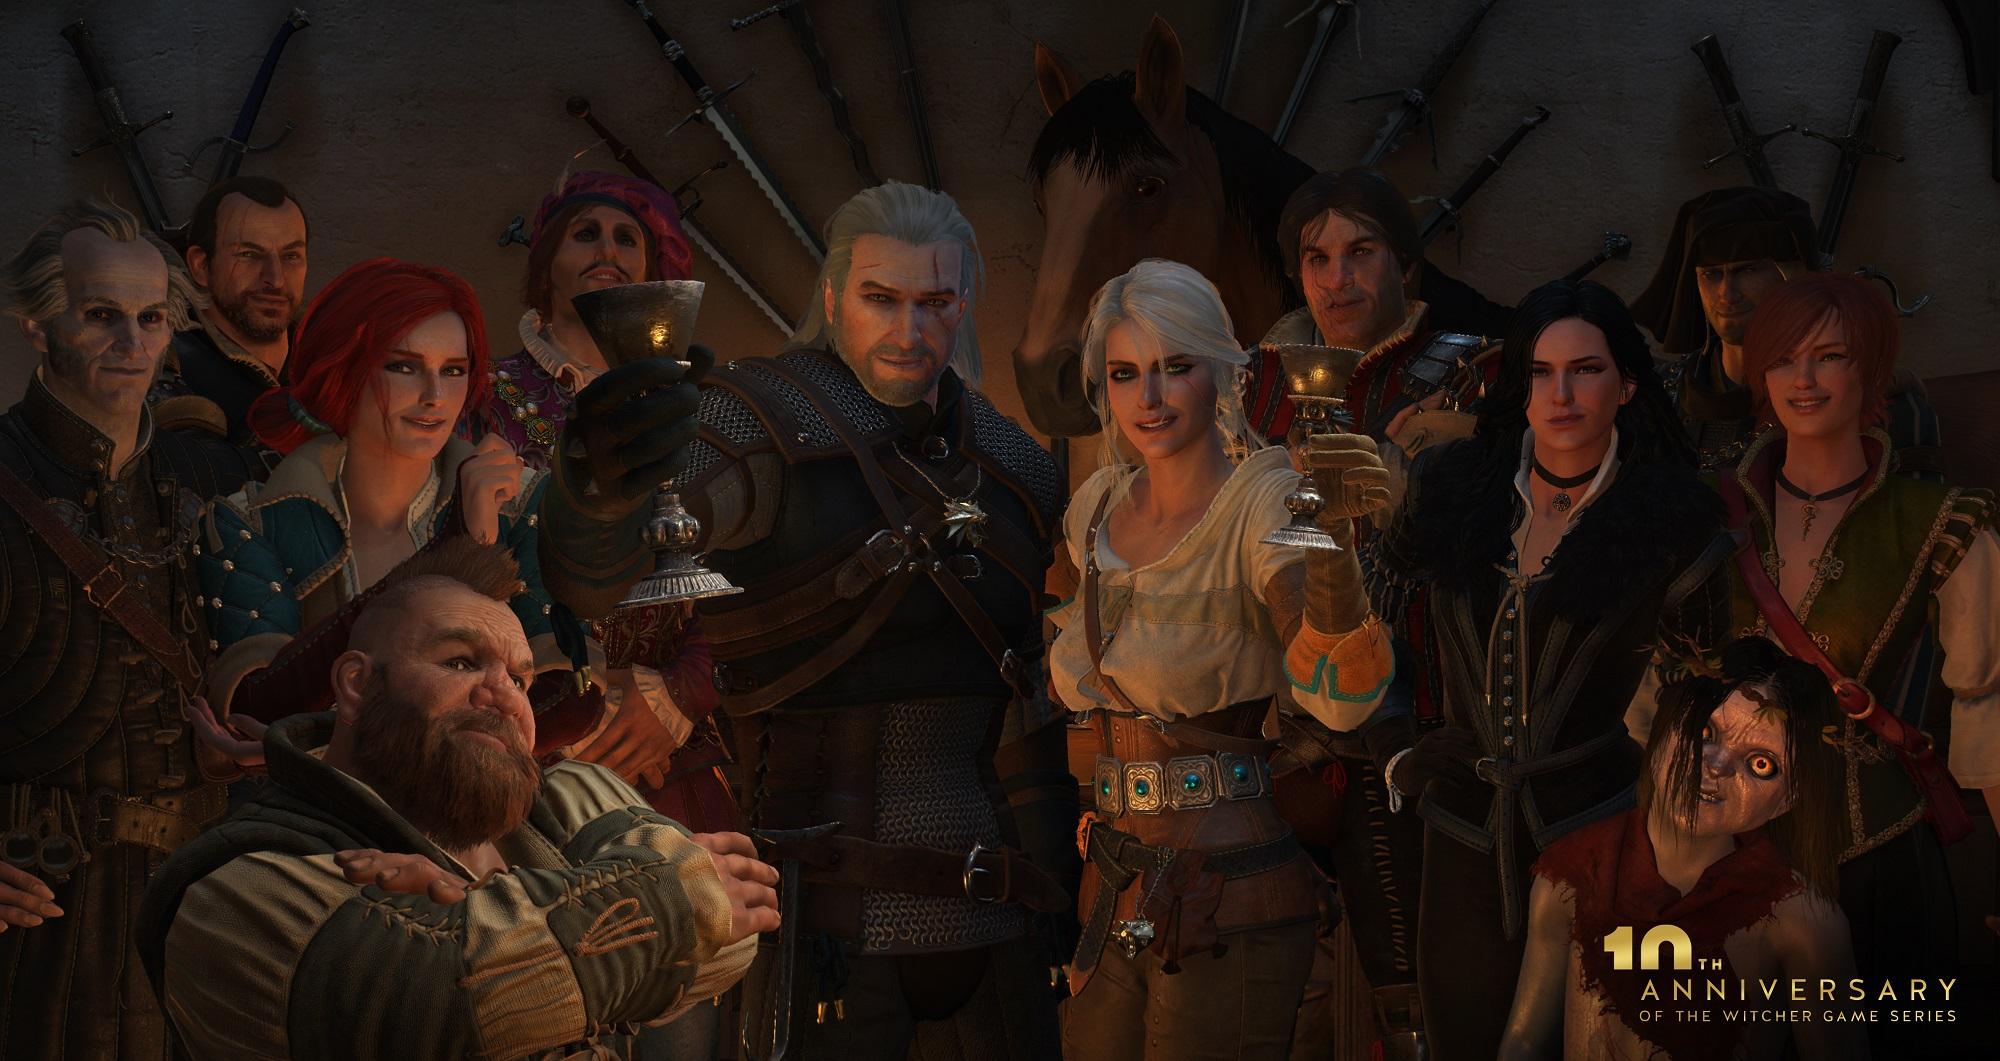 Konrad Tomaszkiewicz was director on The Witcher 3: Wild Hunt by CD Projekt Red